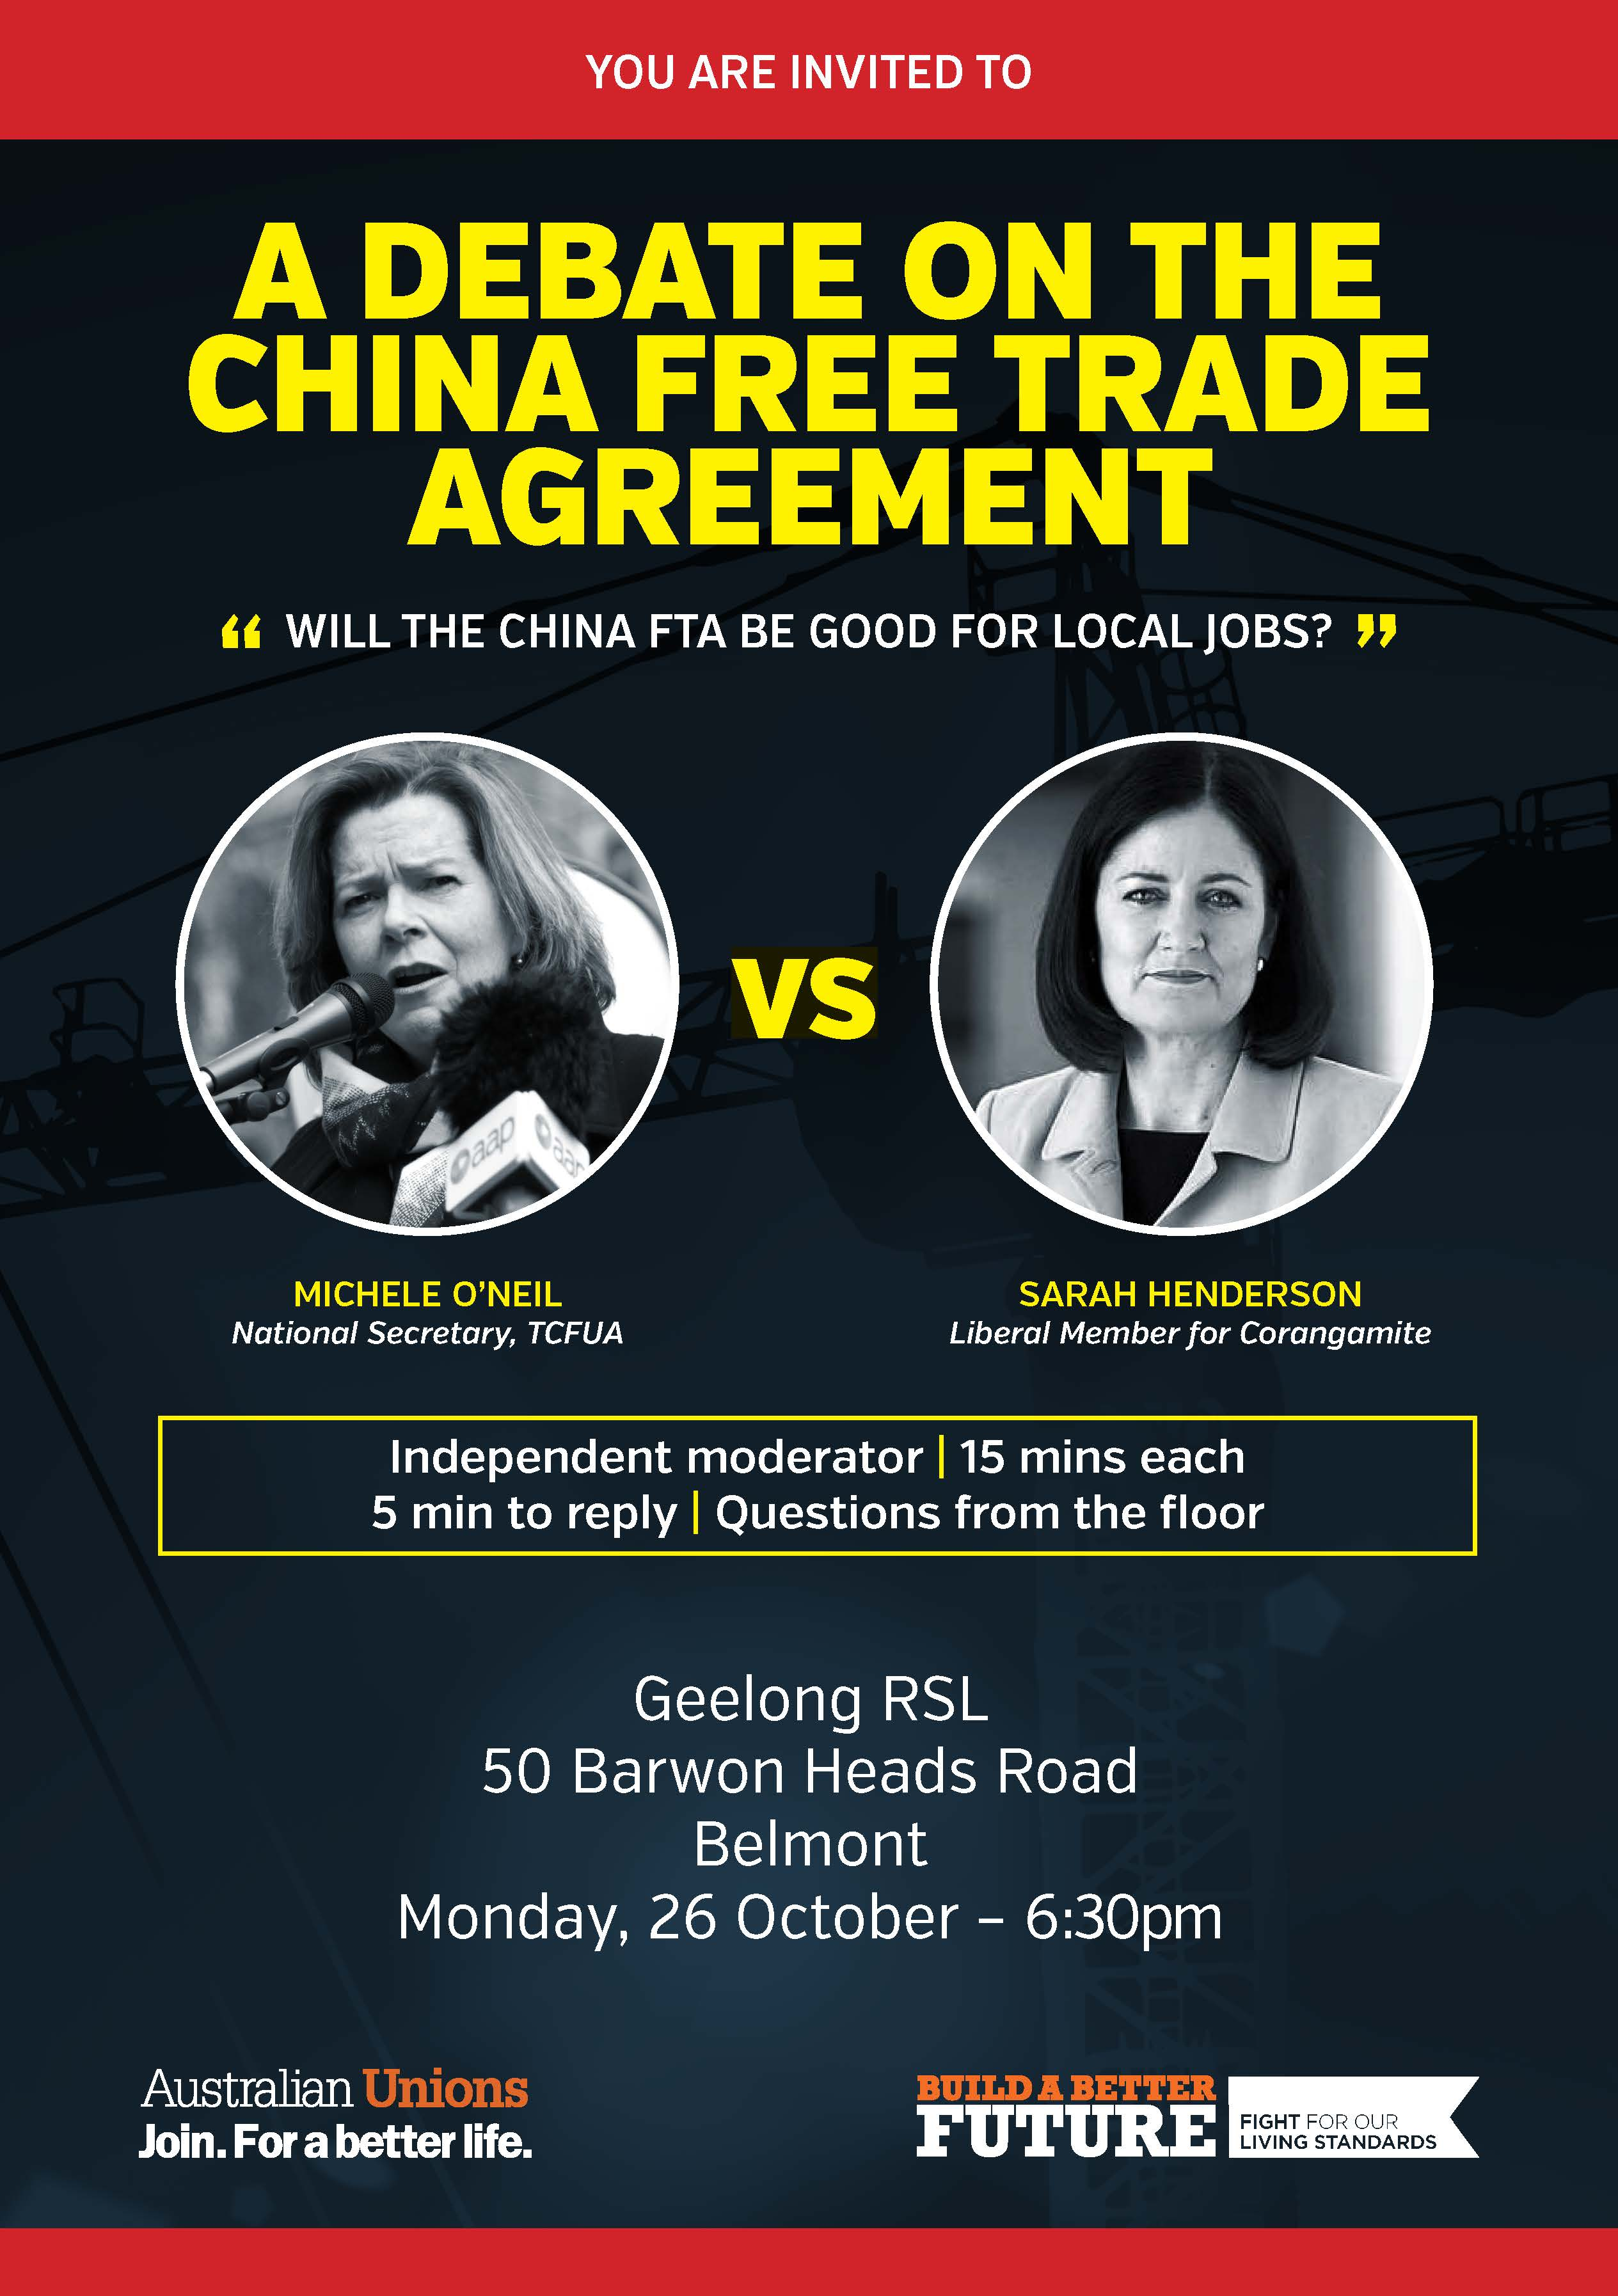 ChAFTA_Debate1_Geelong_Page_1.jpg